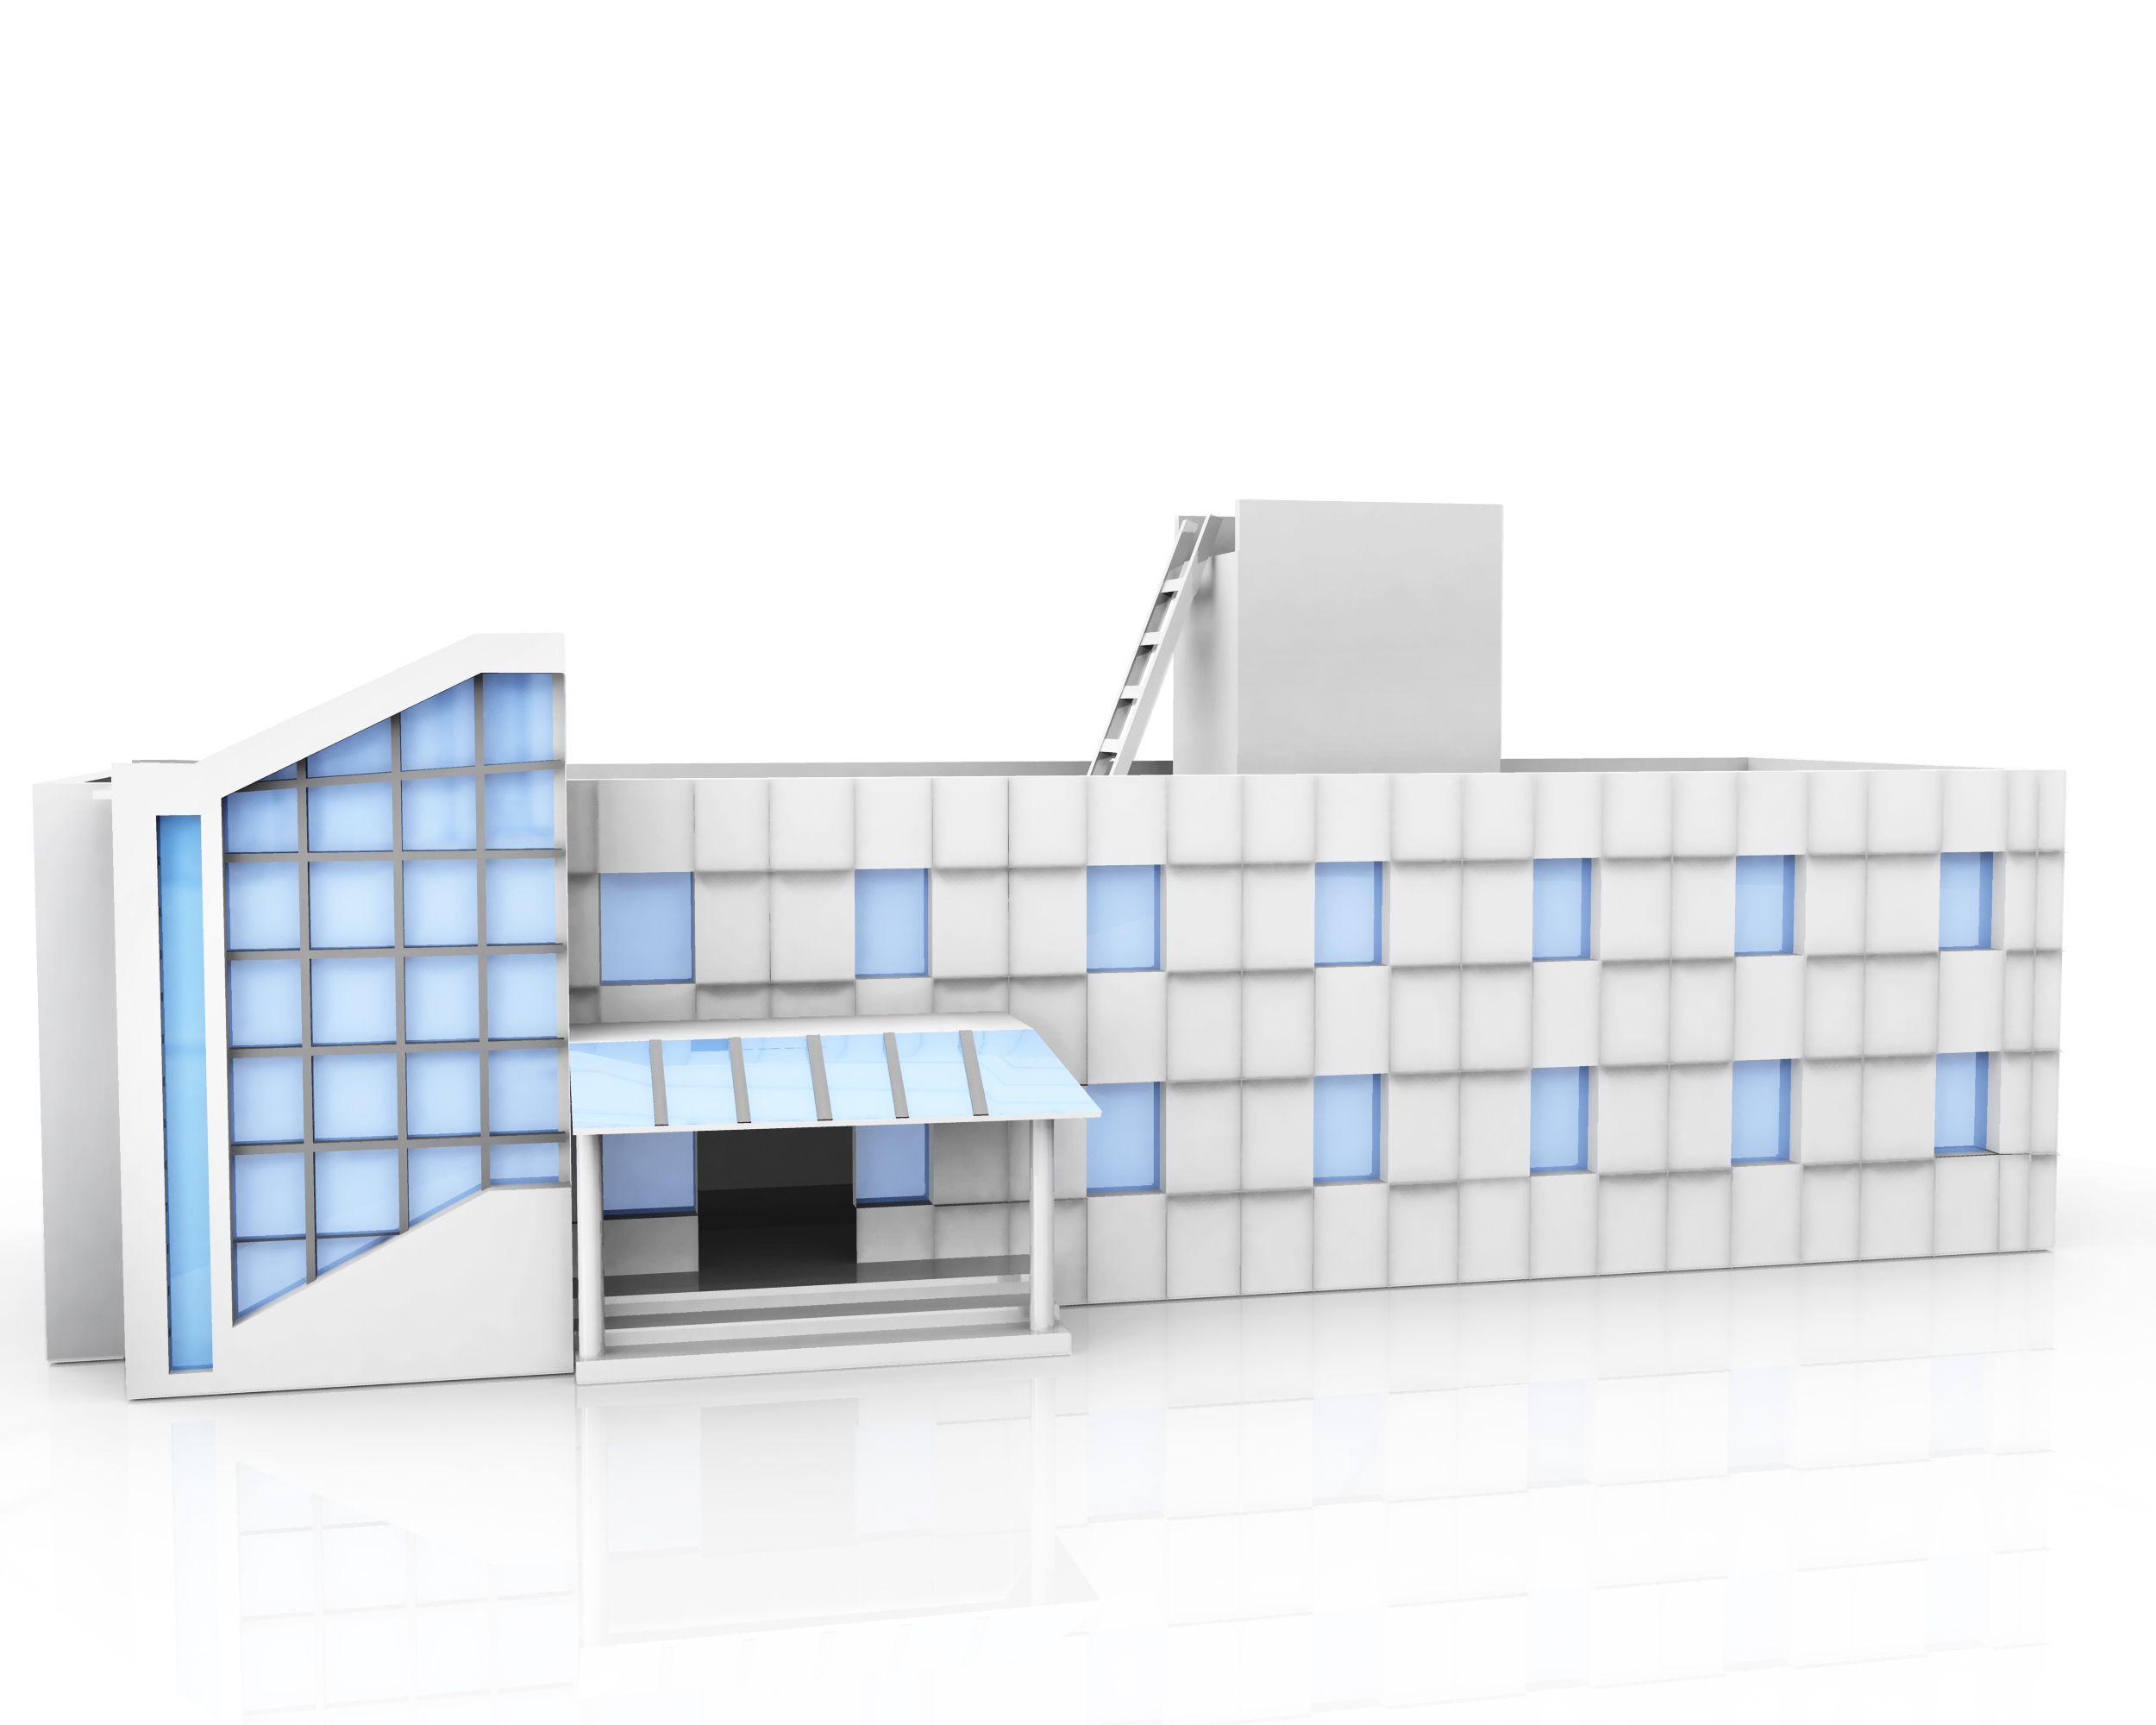 unique_3d_model_of_building_stock_photo_Slide01